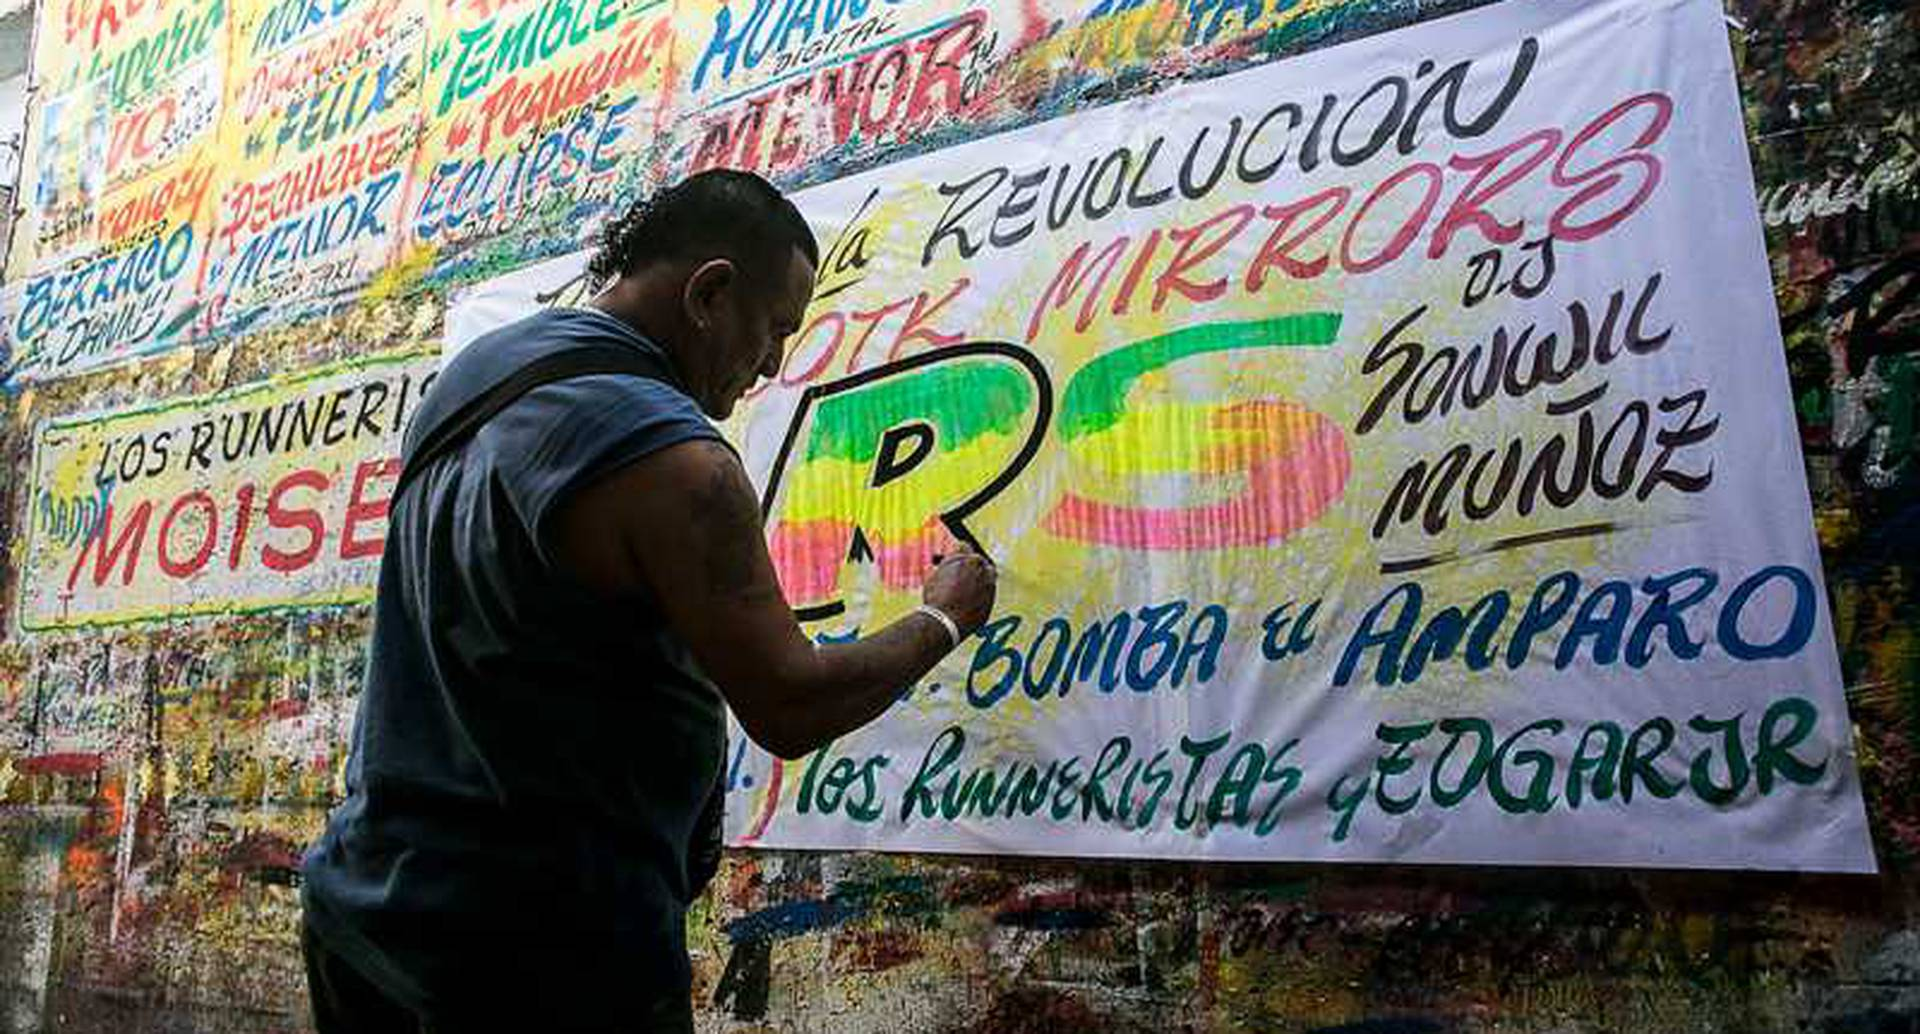 """""""El Runner"""": el artista encargado de hacer los carteles de los """"bailes"""" en la ciudad de Cartagena. Foto: Joaquín Sarmiento"""